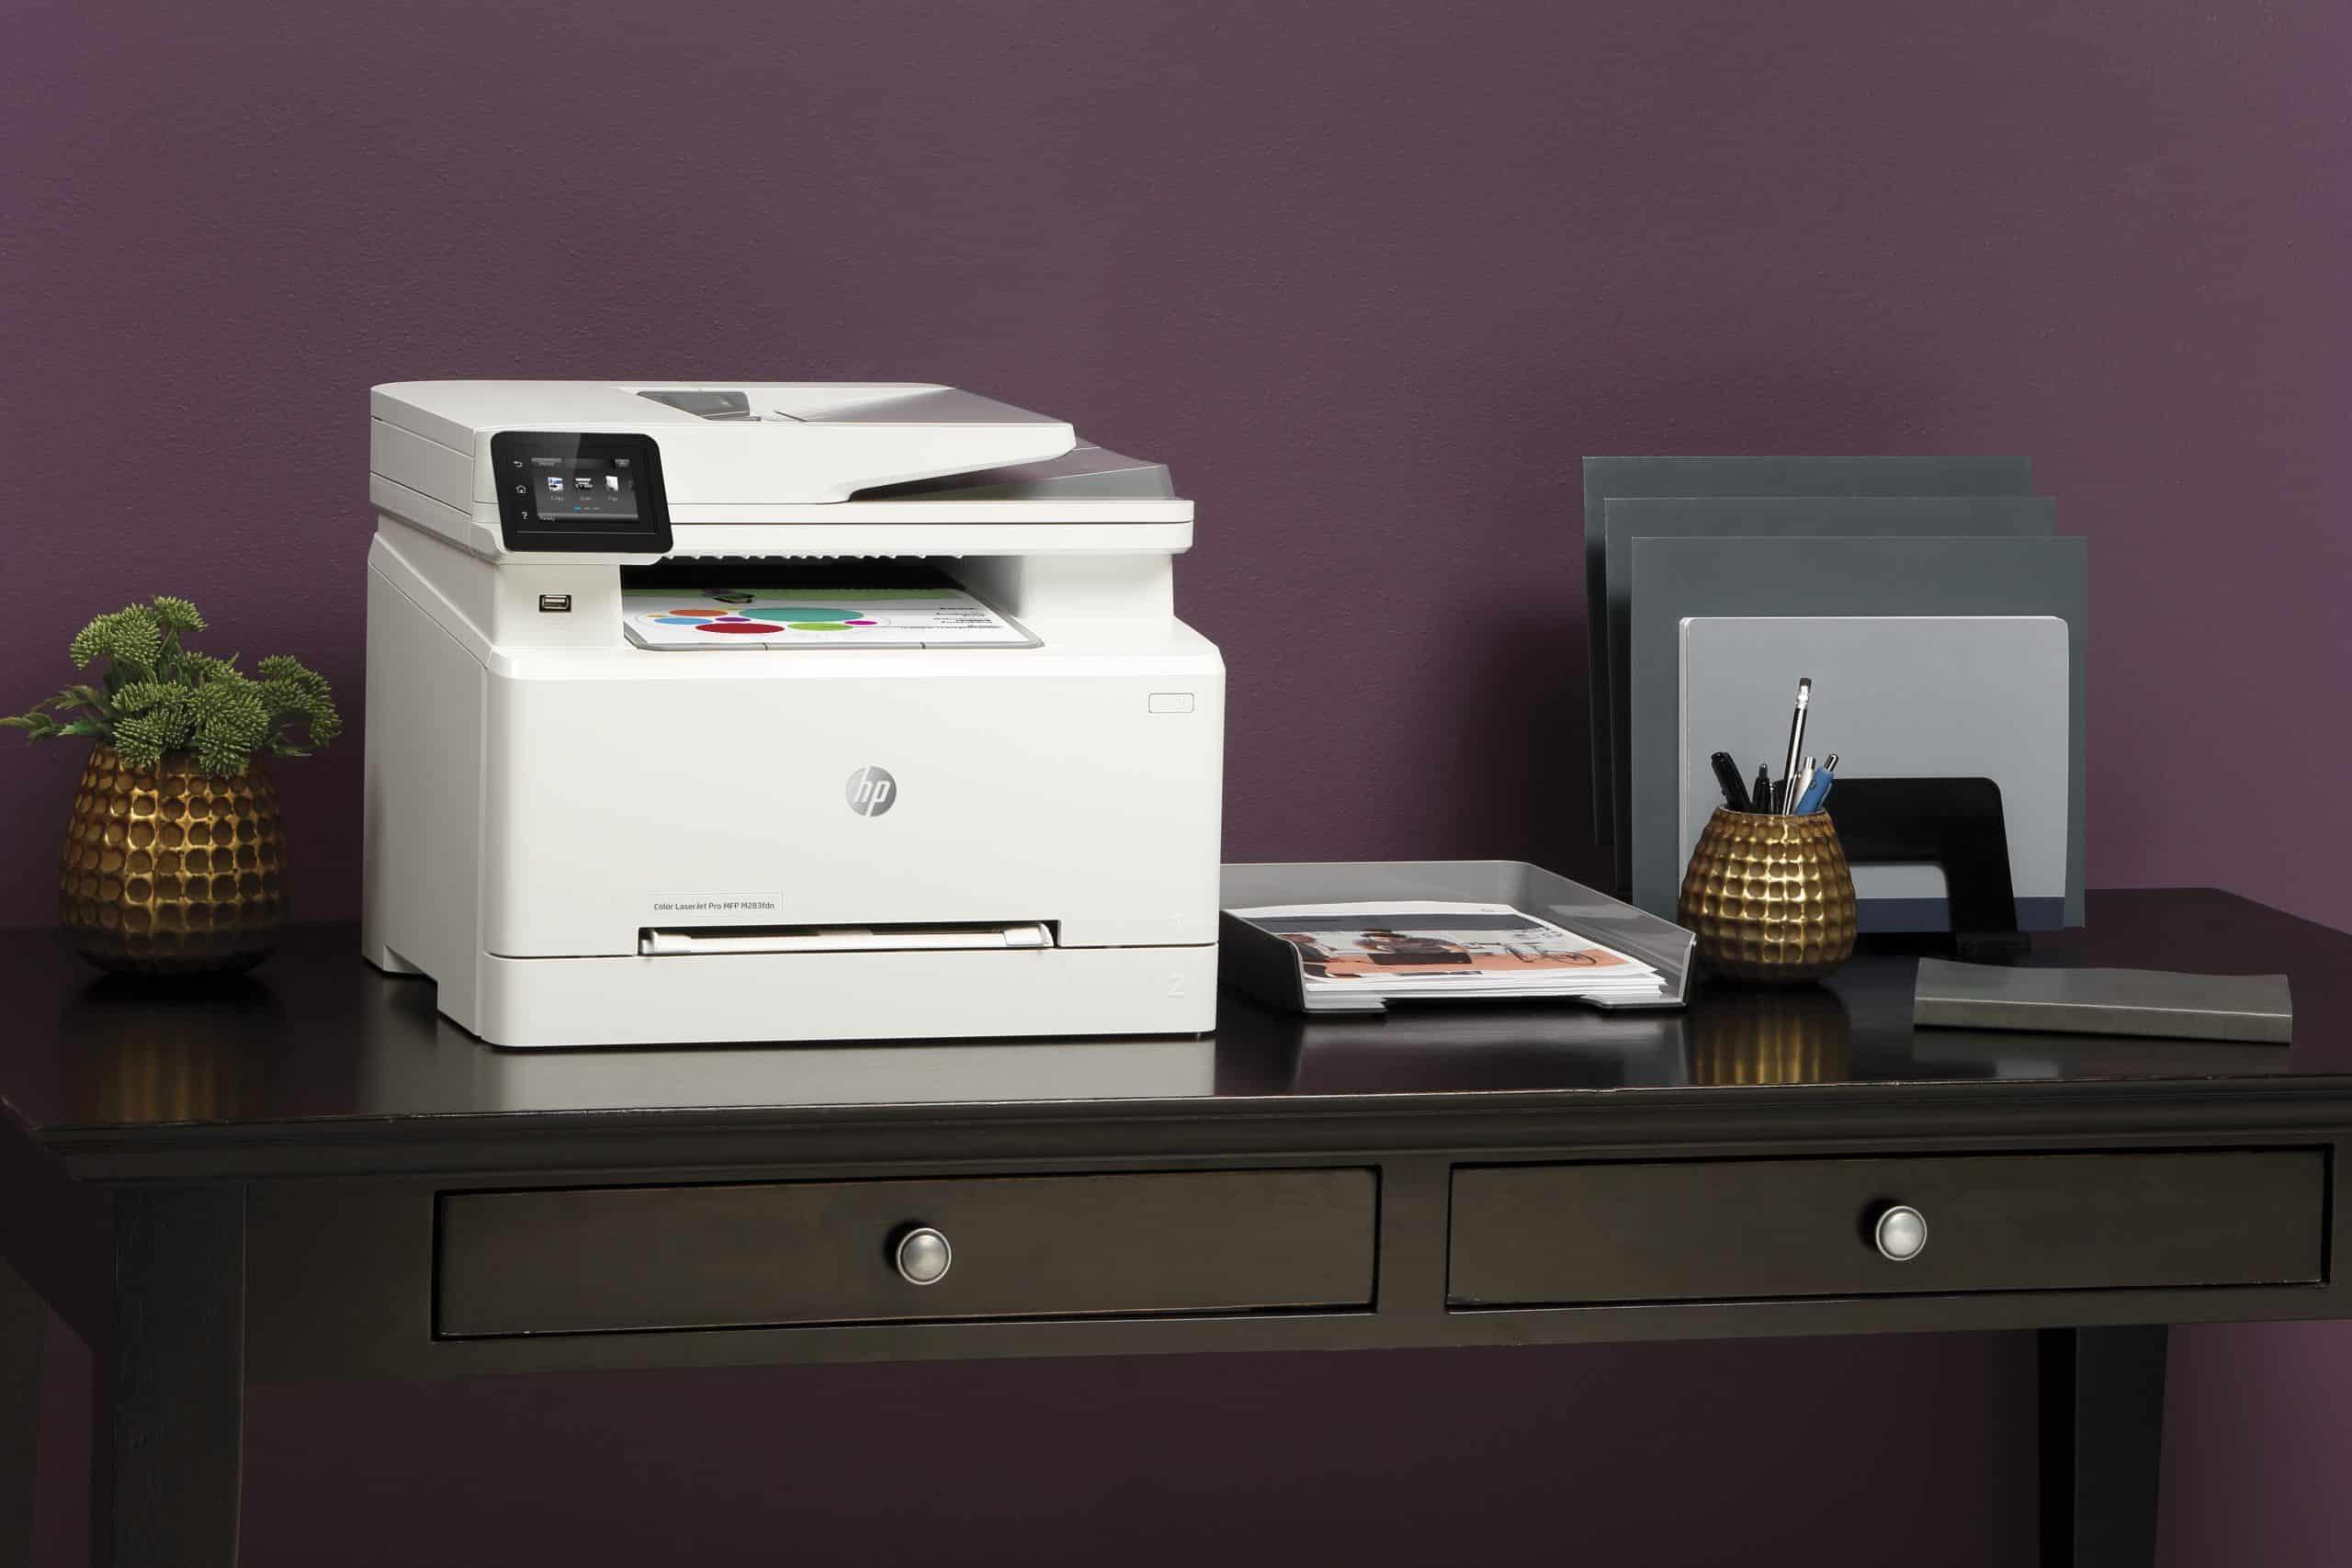 HP Color LaserJet Pro M283fdw